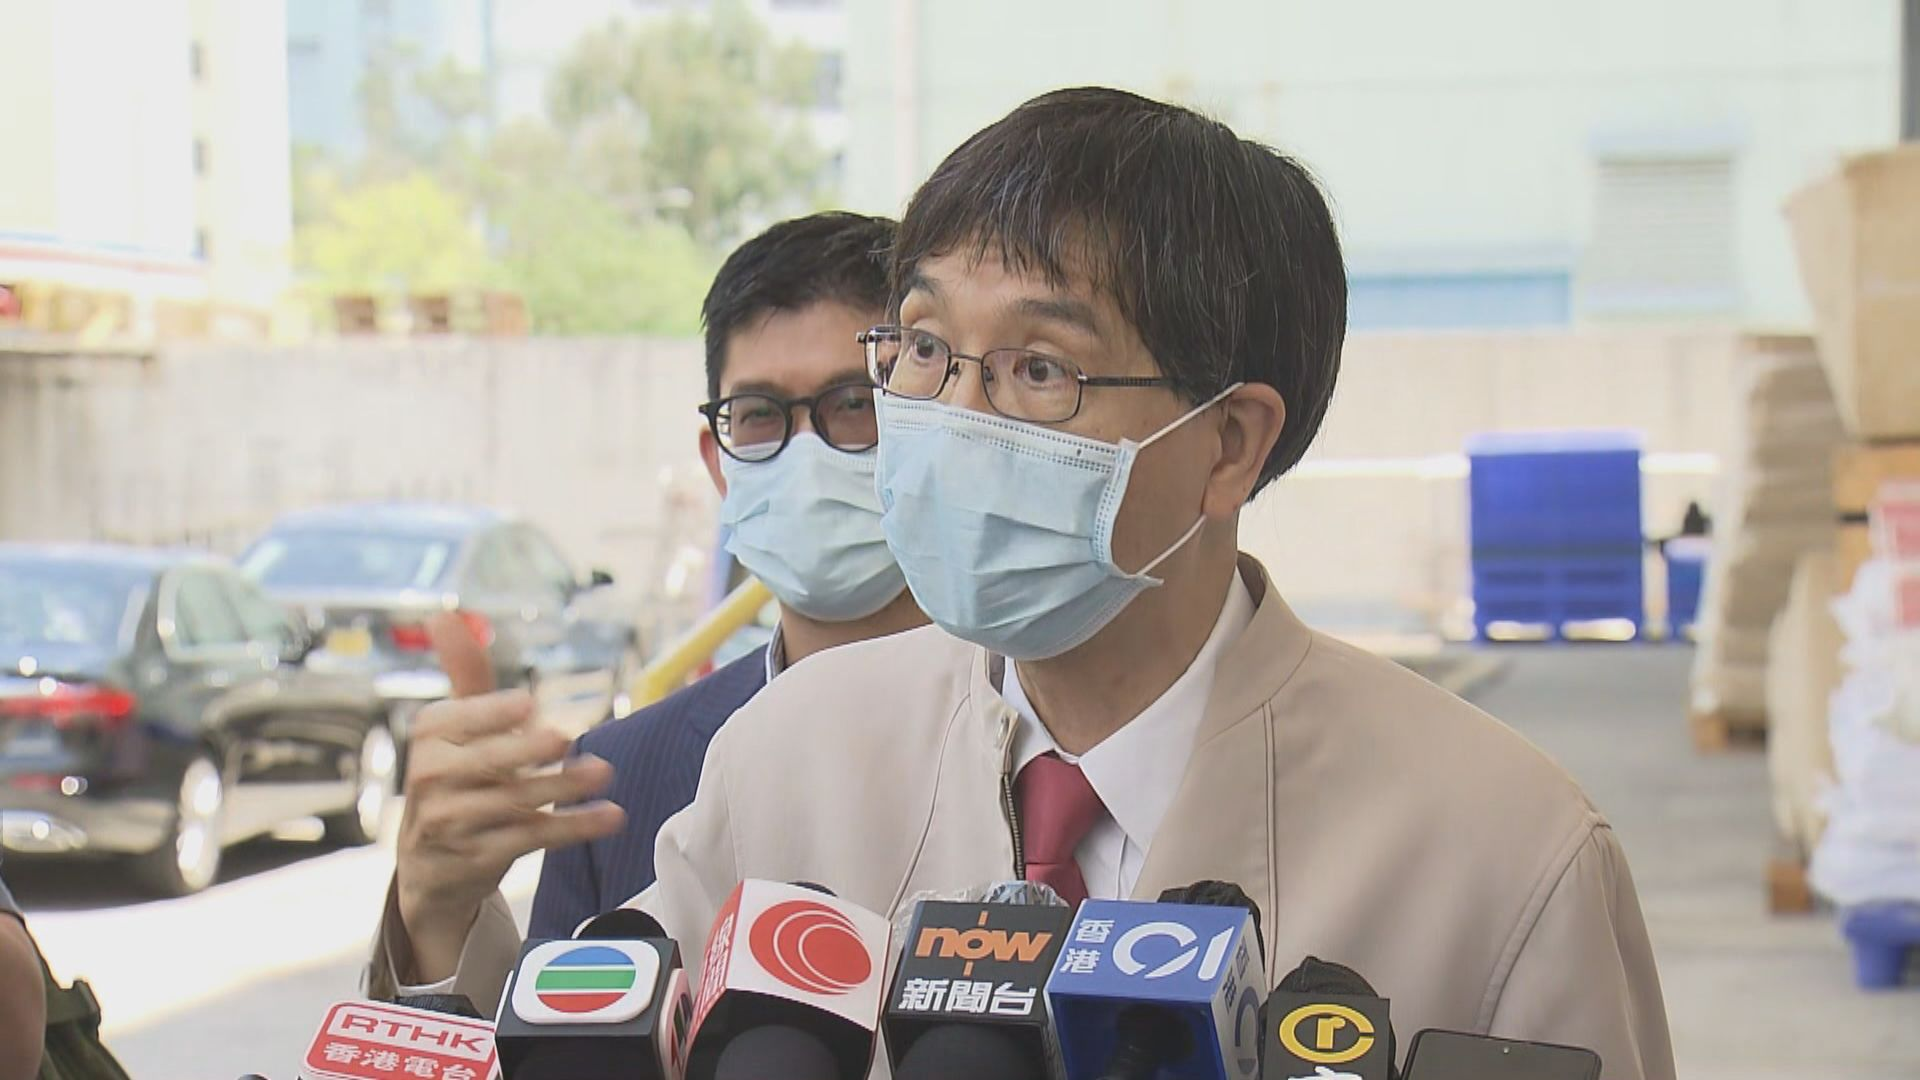 袁國勇疑華大員工實驗室過夜而受病毒基因污染